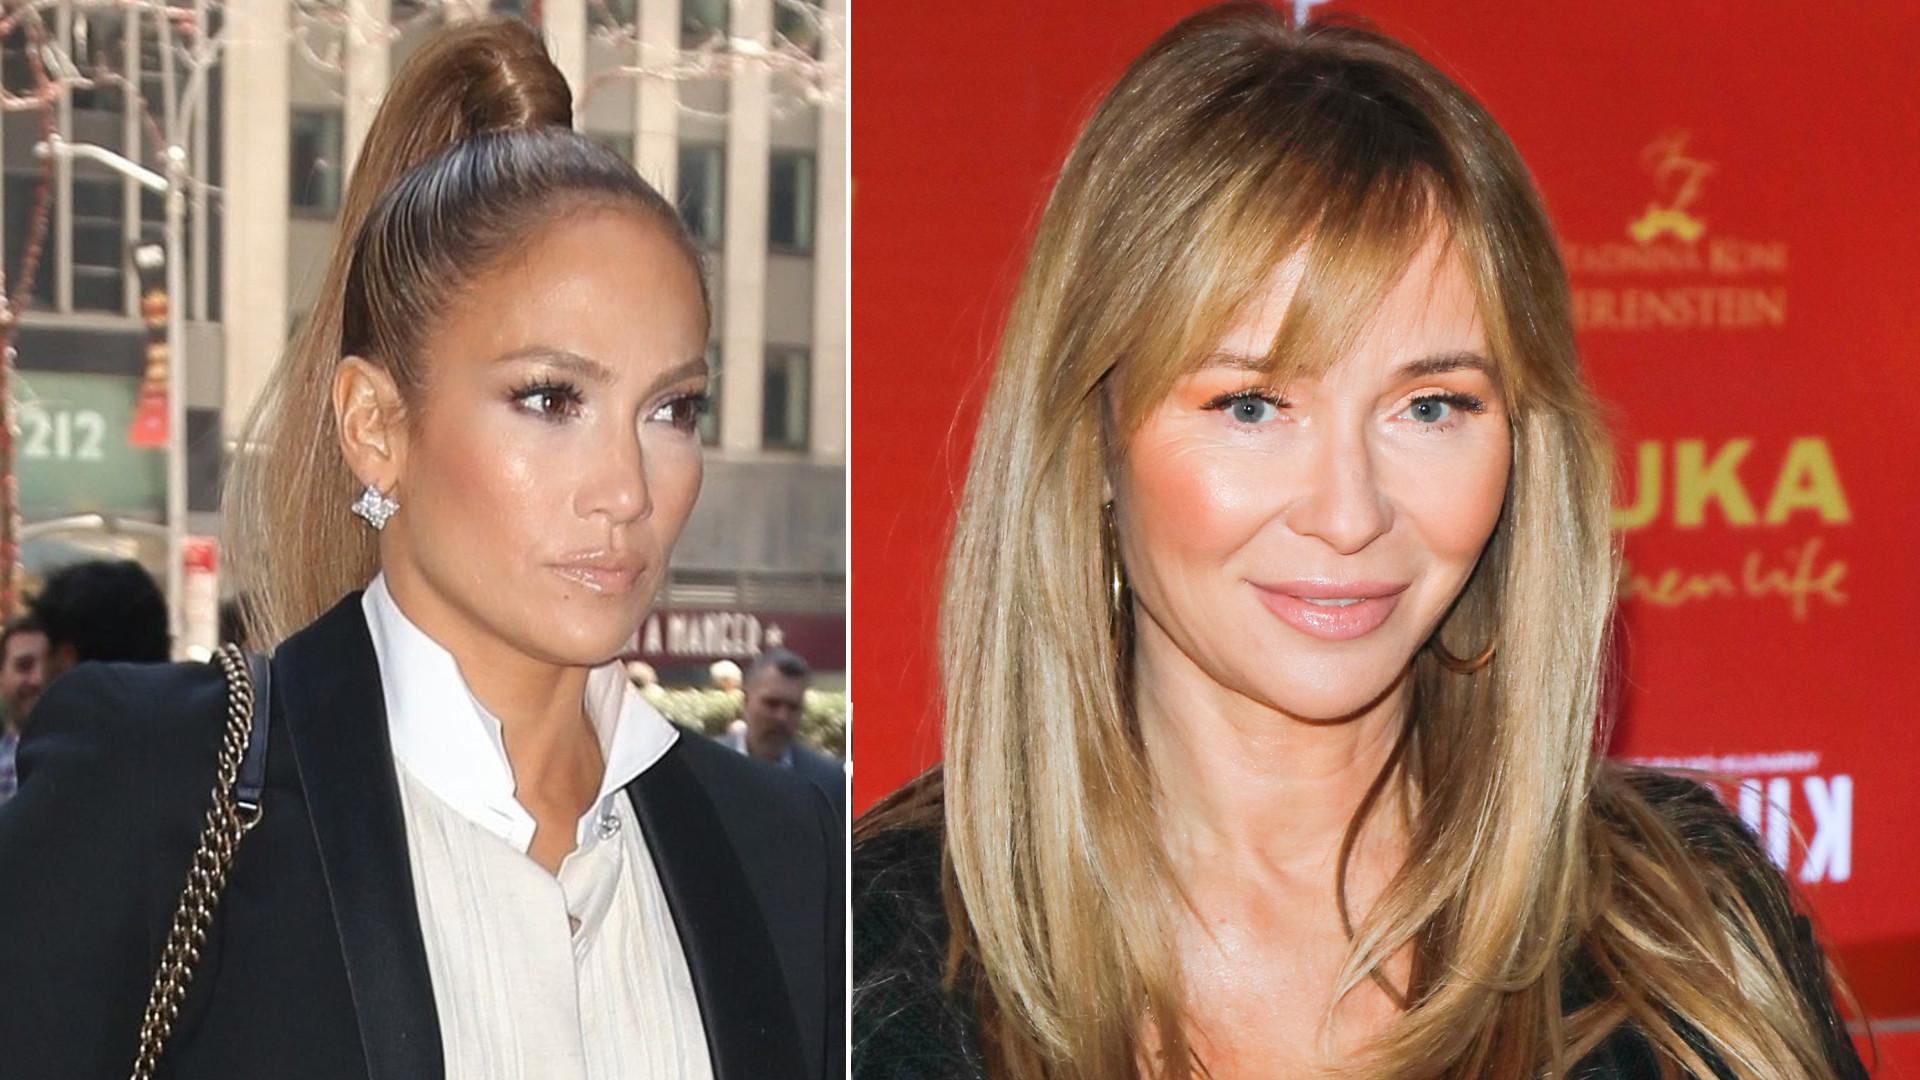 Joanna Przetakiewicz wygląda w tej stylizacji jak Jennifer Lopez!